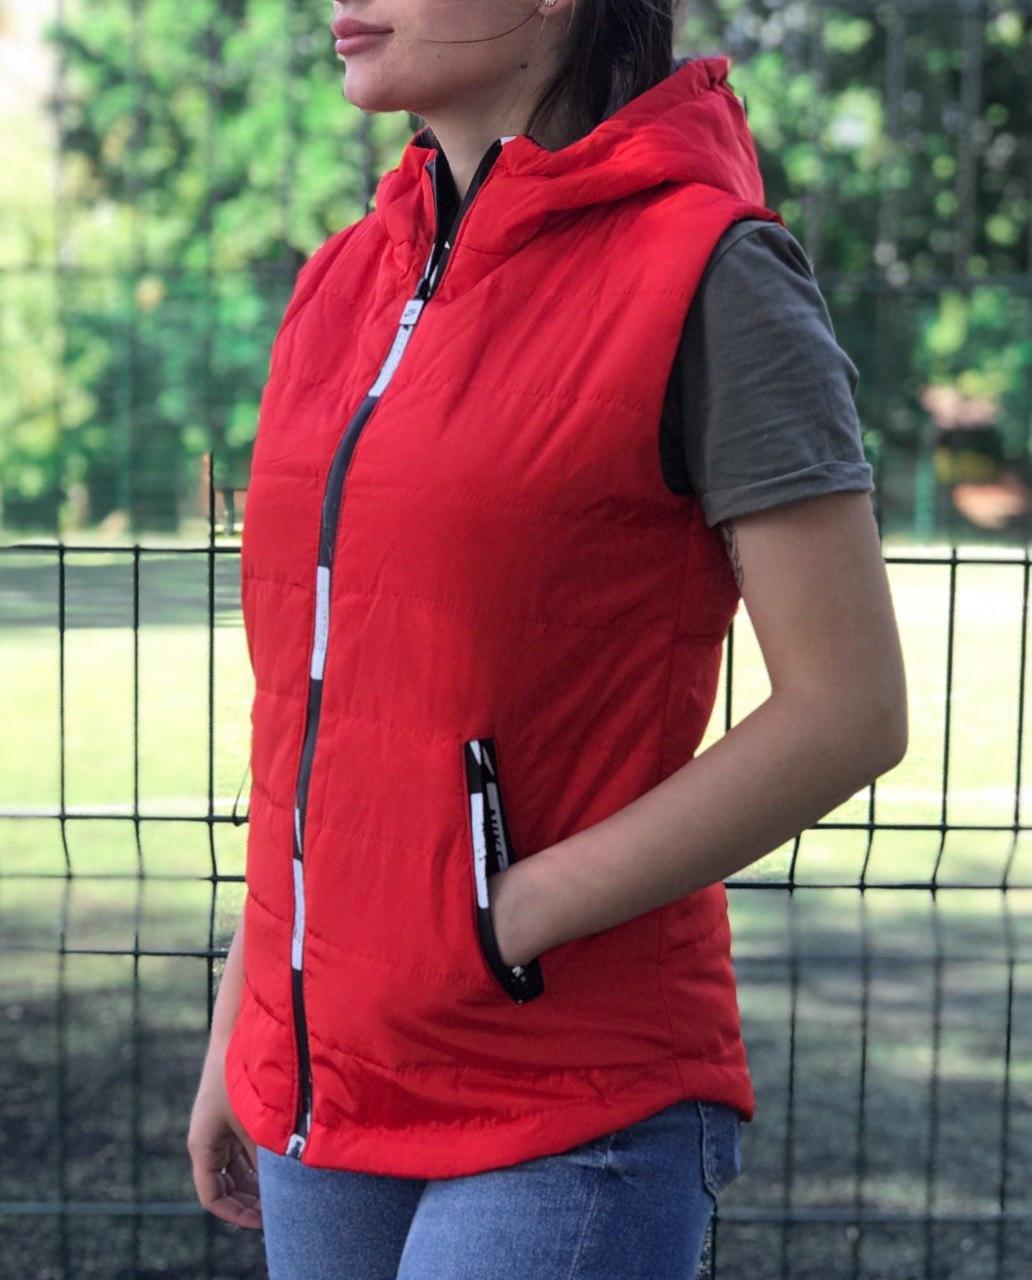 Жилет женский красный демисезонный на синтепоне с капюшоном 44 р. BR-S (1230523299)